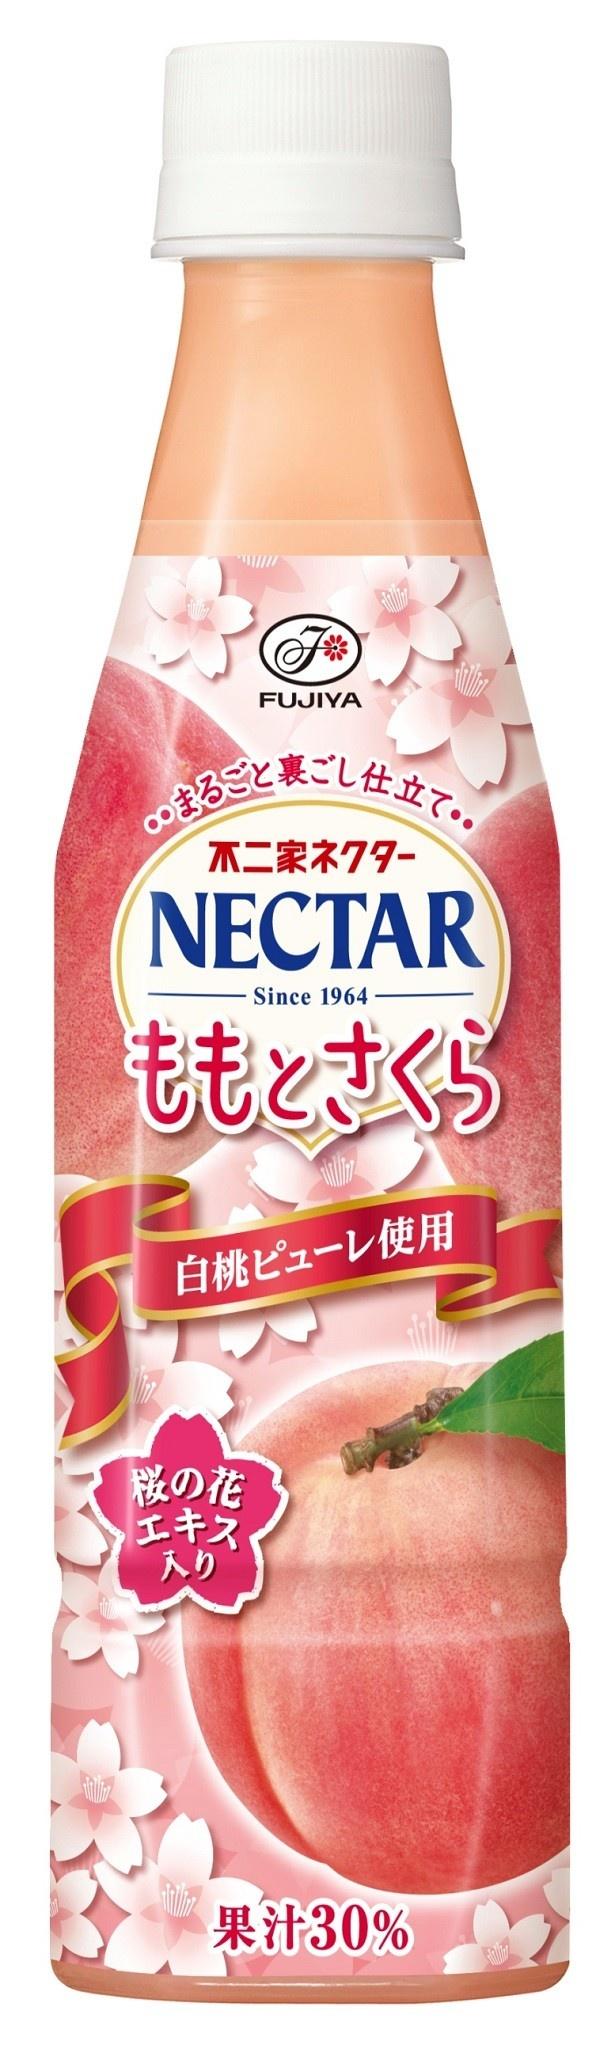 サクラのエキスを合わせた「ネクターももとさくら」(参考小売価格・162円)は、華やかなサクラの香りが楽しめる